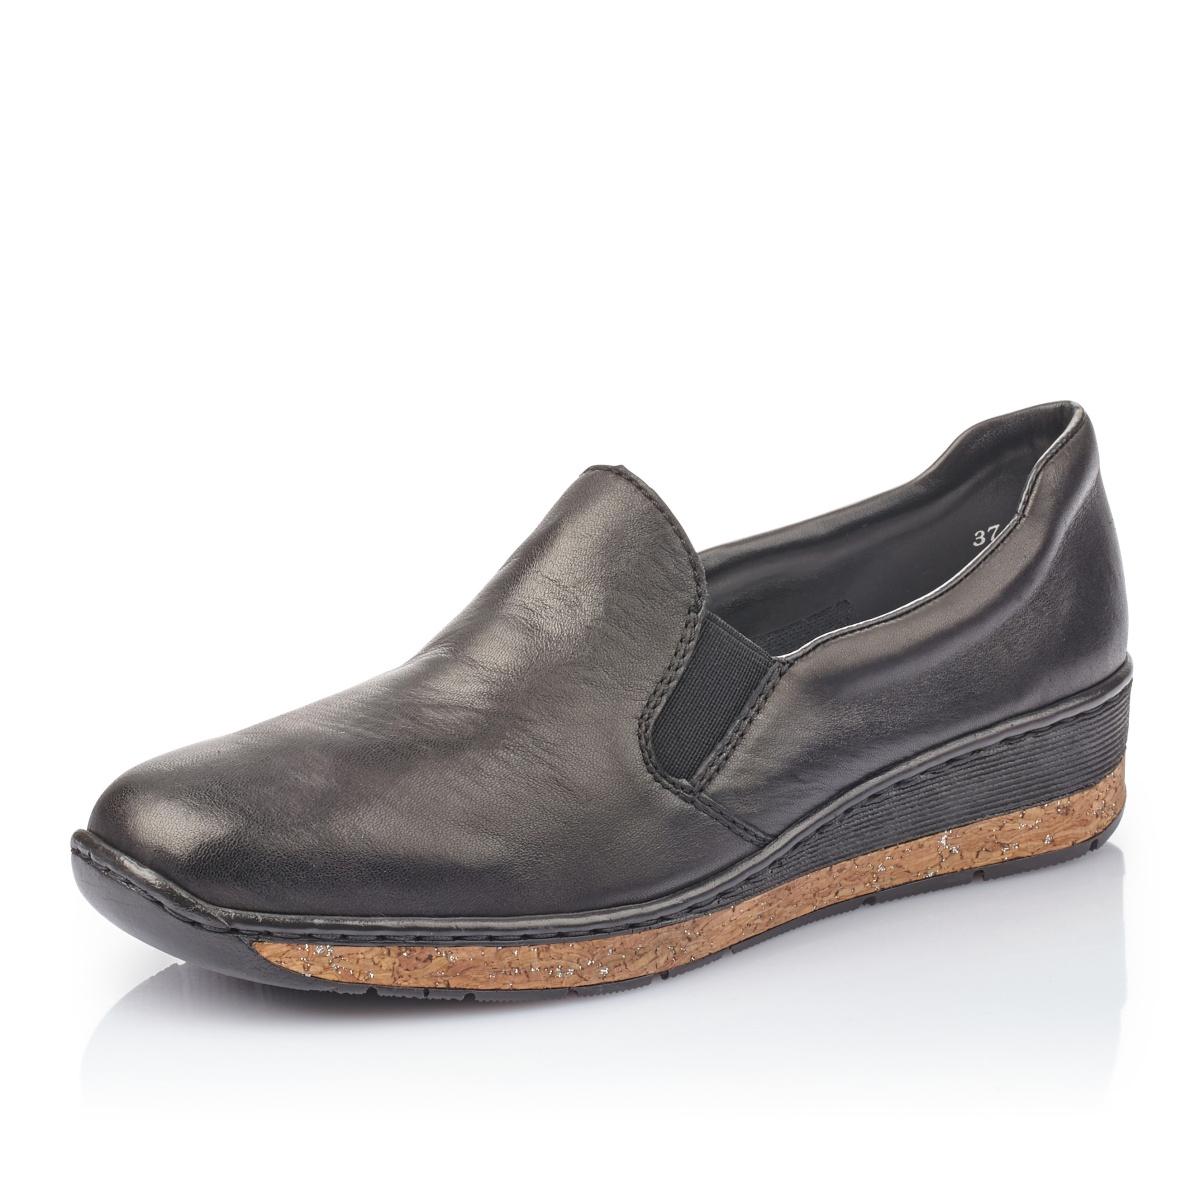 Dámská obuv RIEKER59766-00 SCHWARZ F S 9  0a74c596970